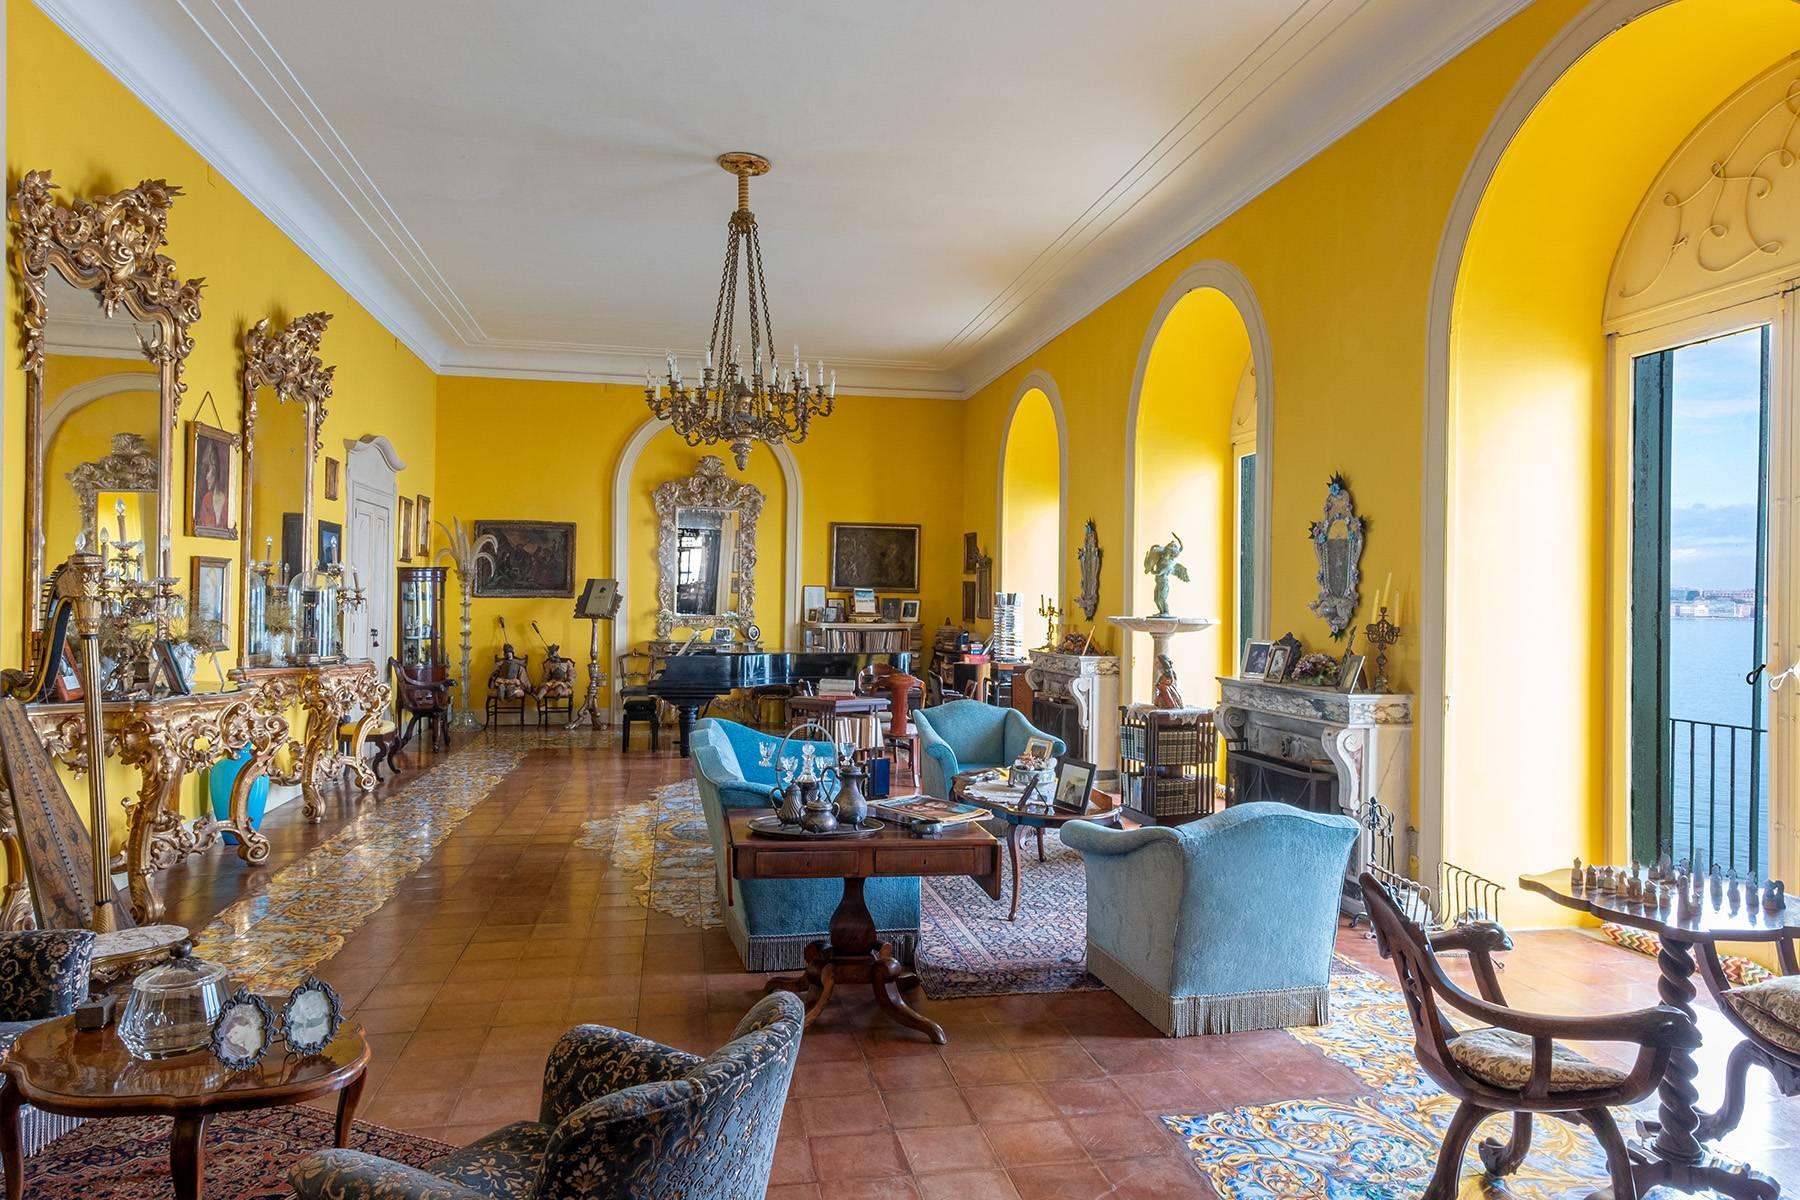 Первая линия моря! Потрясающие апартаменты в старинной вилле в Неаполе, Италия - 12